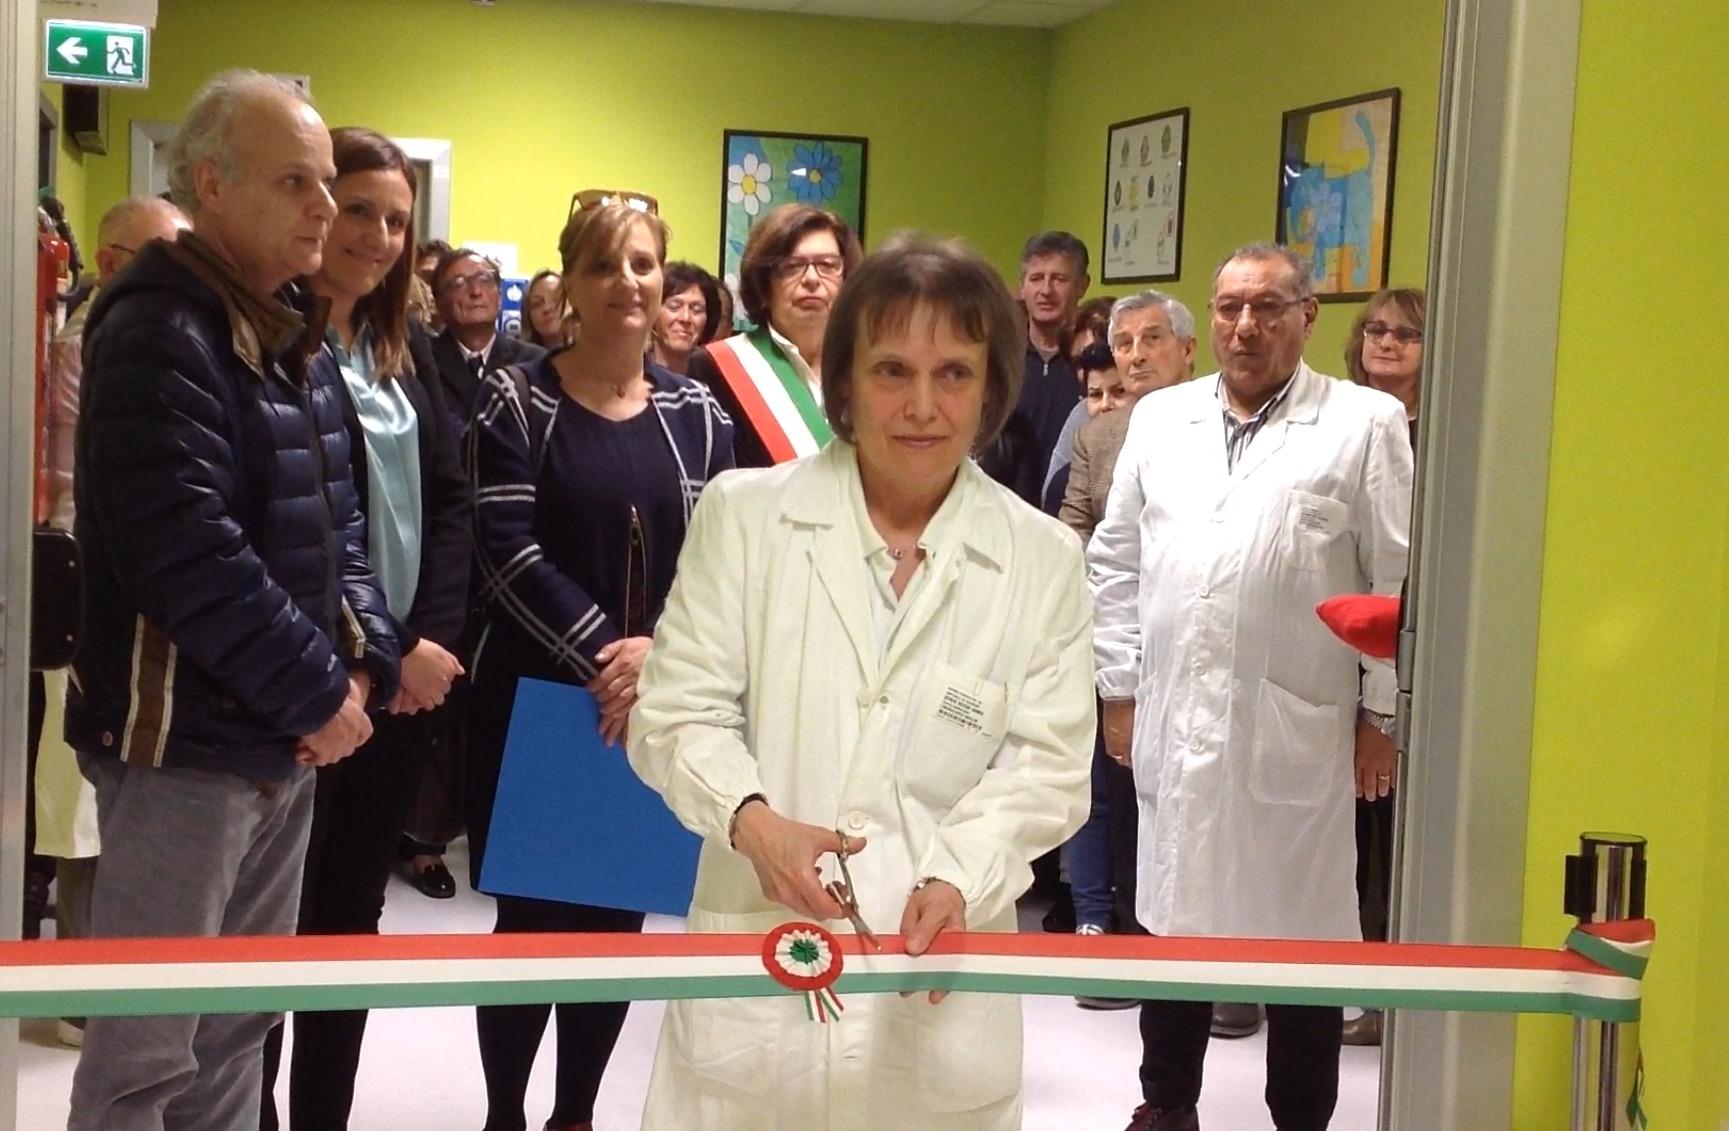 CUORGNE' - Apre il nuovo pronto soccorso dell'ospedale: «Al servizio di tutto l'alto Canavese» - FOTO e VIDEO